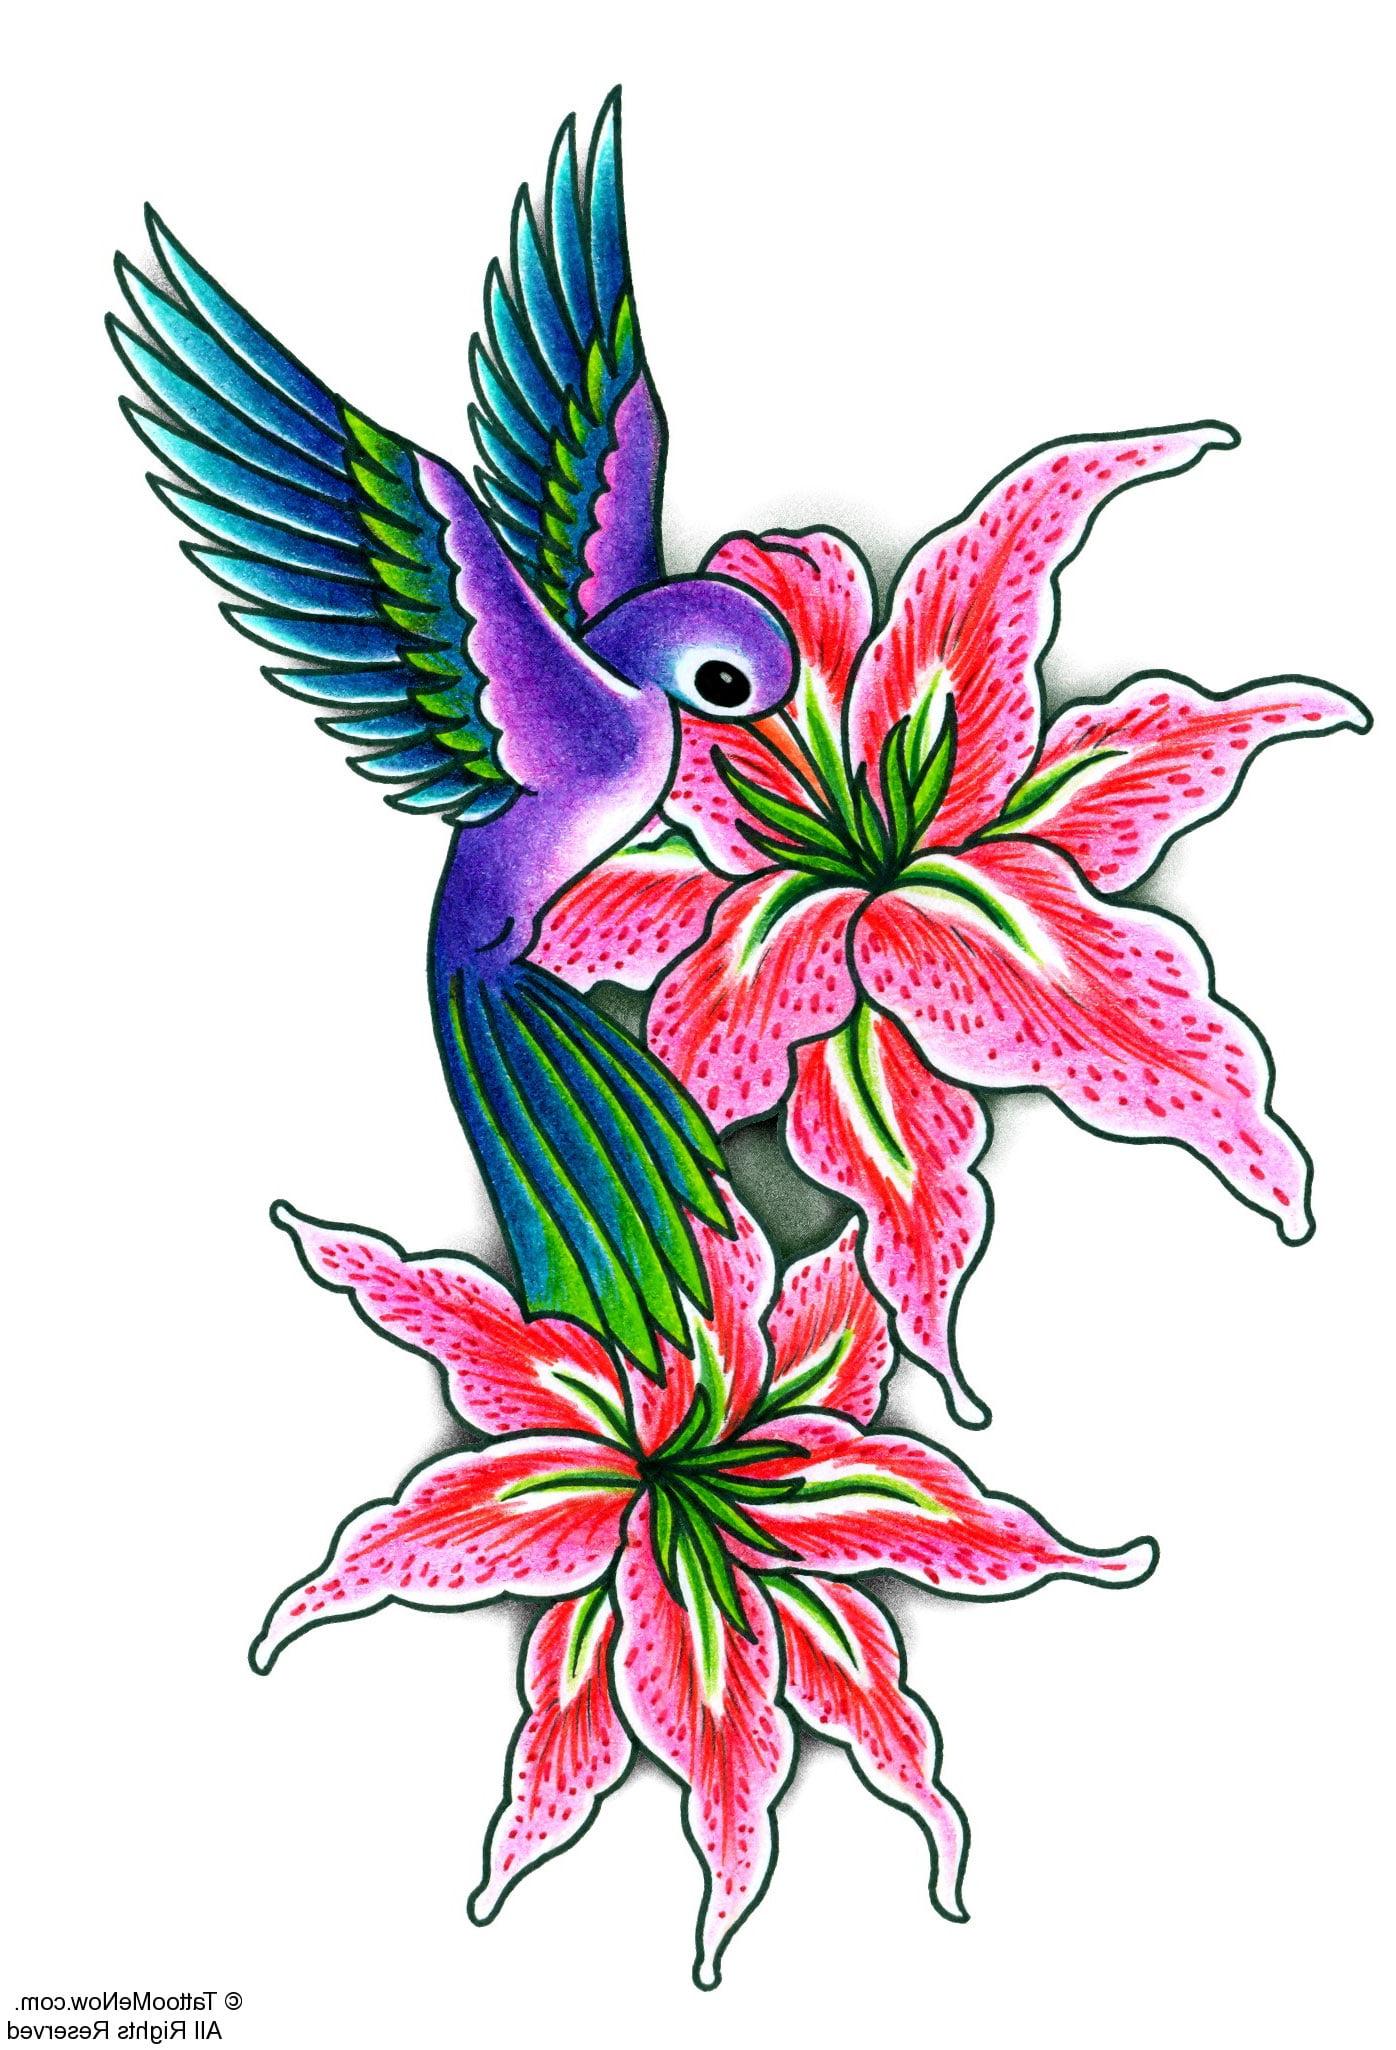 Free rose tattoo stencils cool tattoos bonbaden for Free rose tattoo stencils